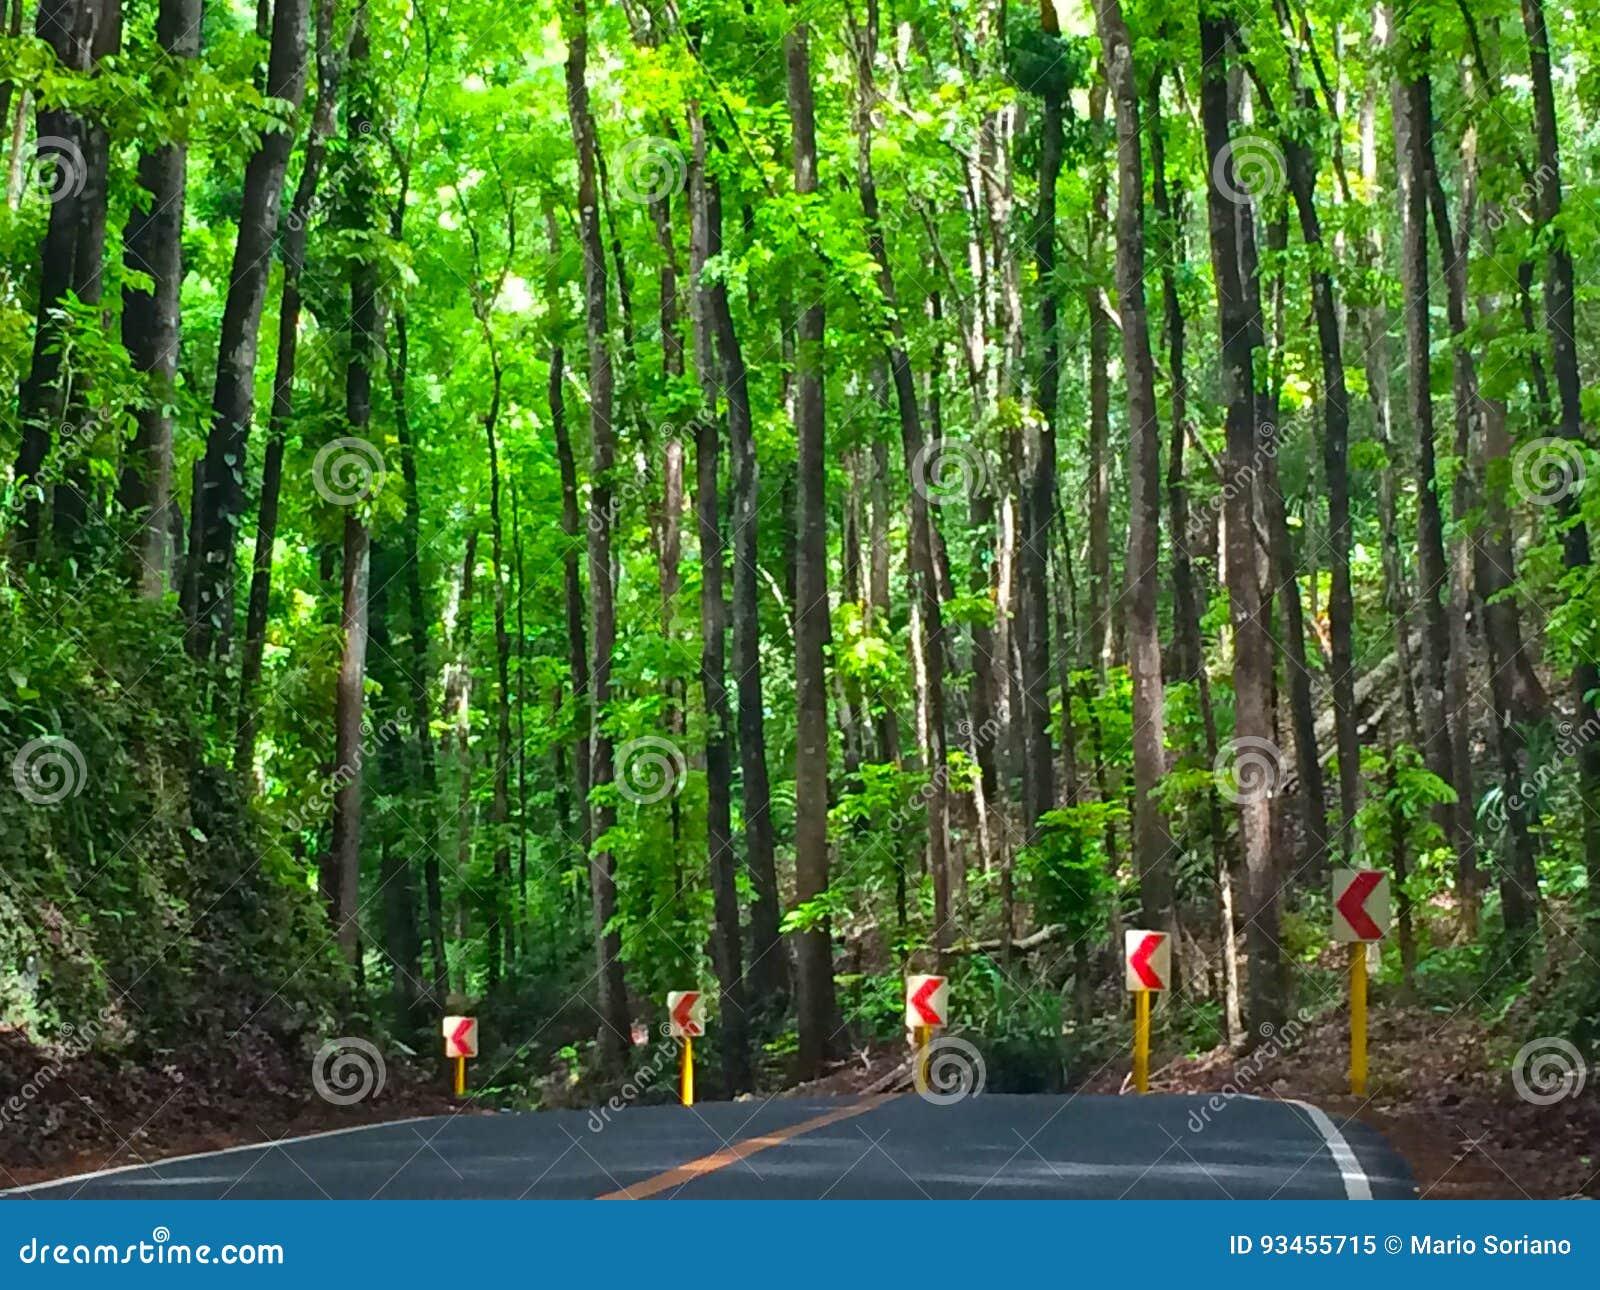 Mahagonibaum  Straße Zum Mahagonibaum-Wald Stockbild - Bild von gesehen ...